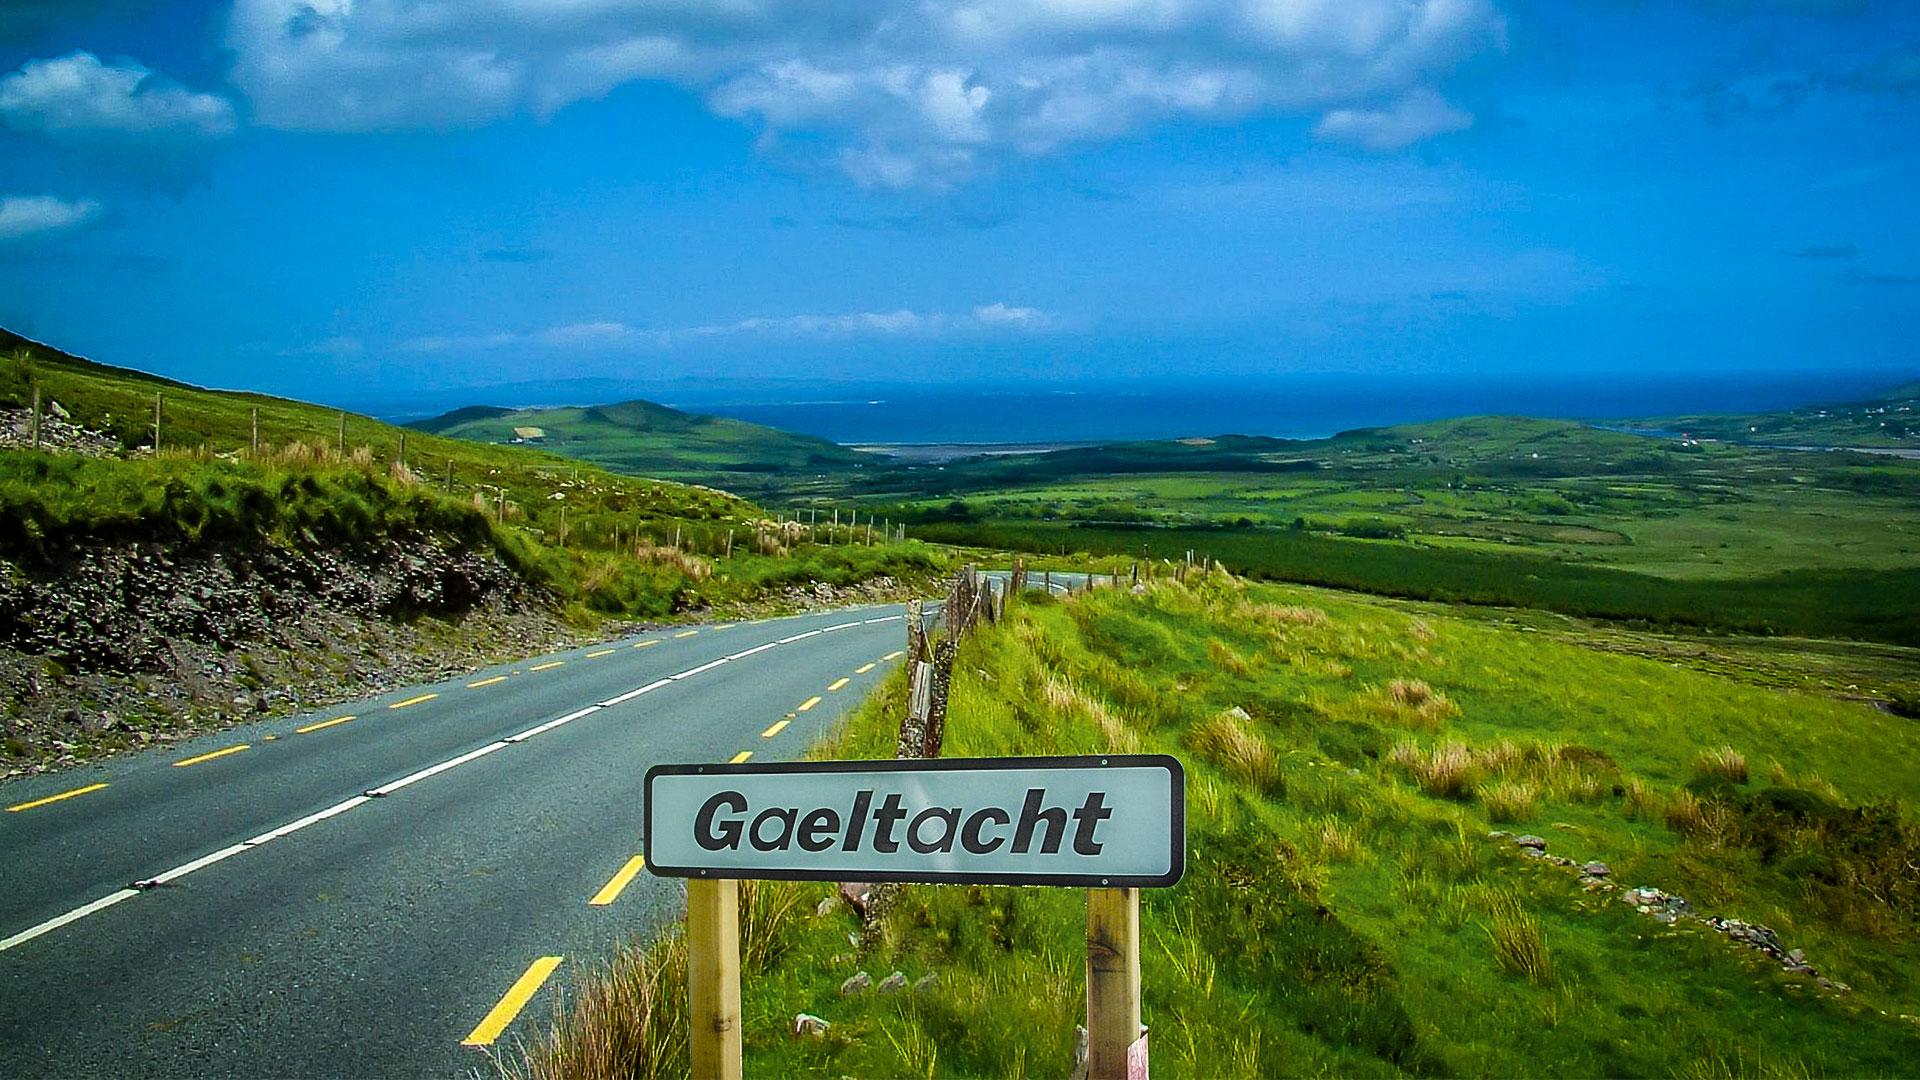 Che-lingua-si-parla-in-irlanda